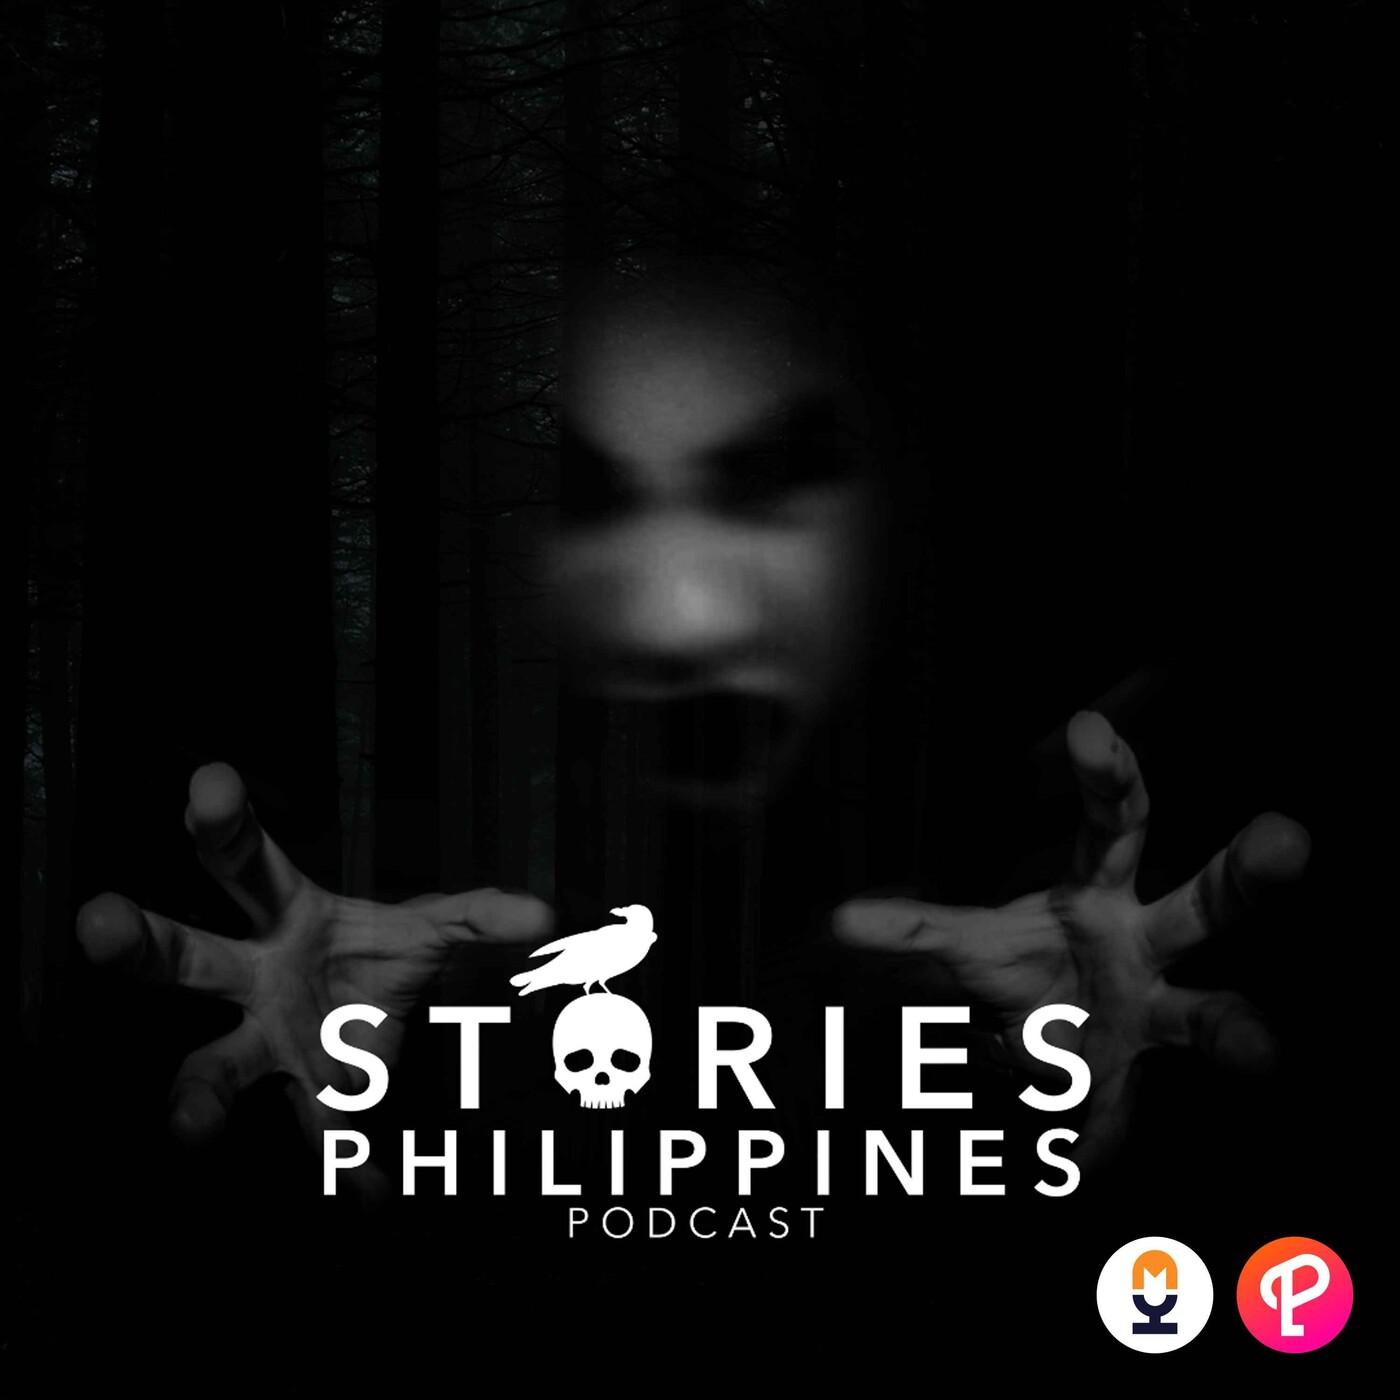 Kakaibang aparisyon - tagalog horror fiction   mga kaluluwang ligaw